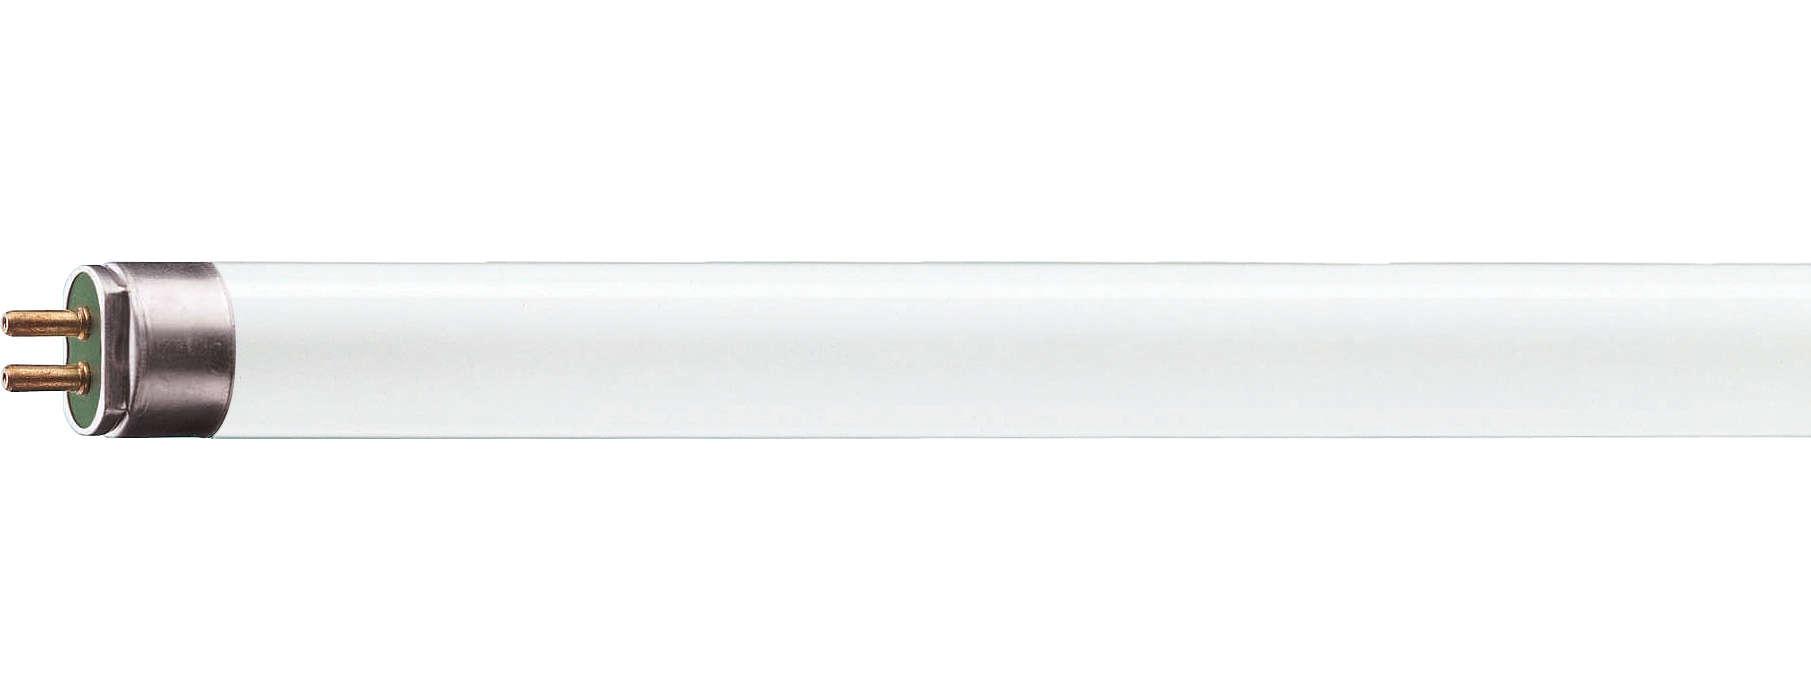 Zářivkové osvětlení s nejvyšším jasem